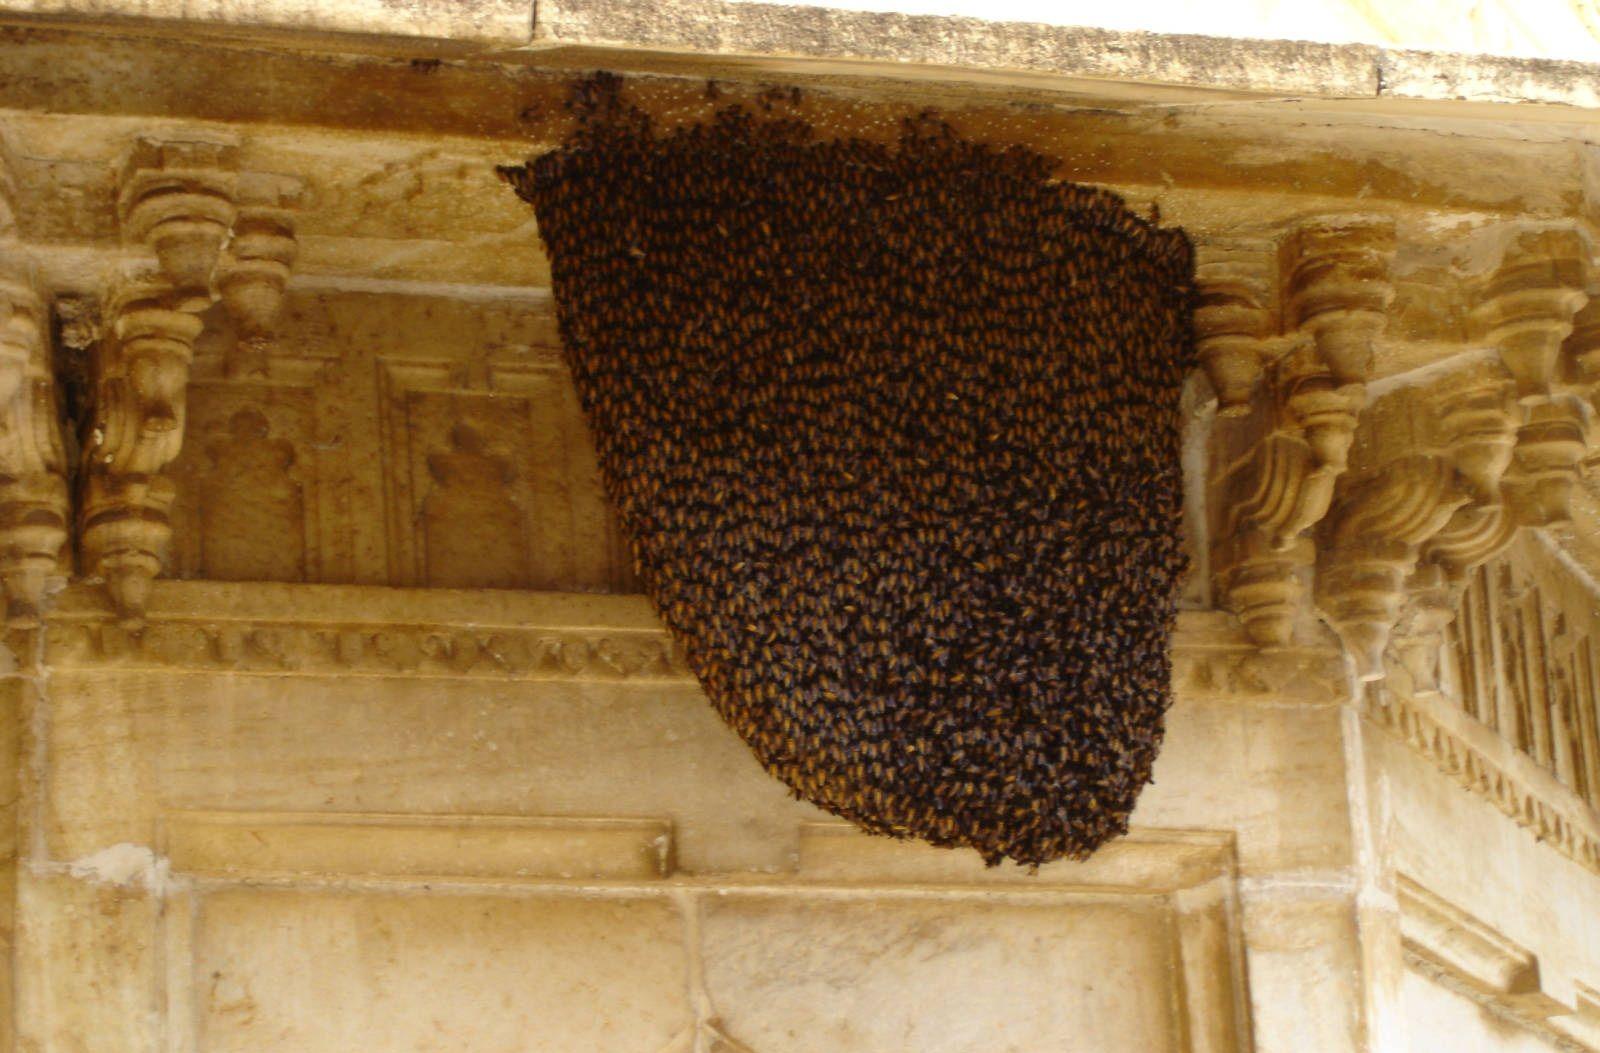 لانه زنبور عسل زیر سقف یک منزل